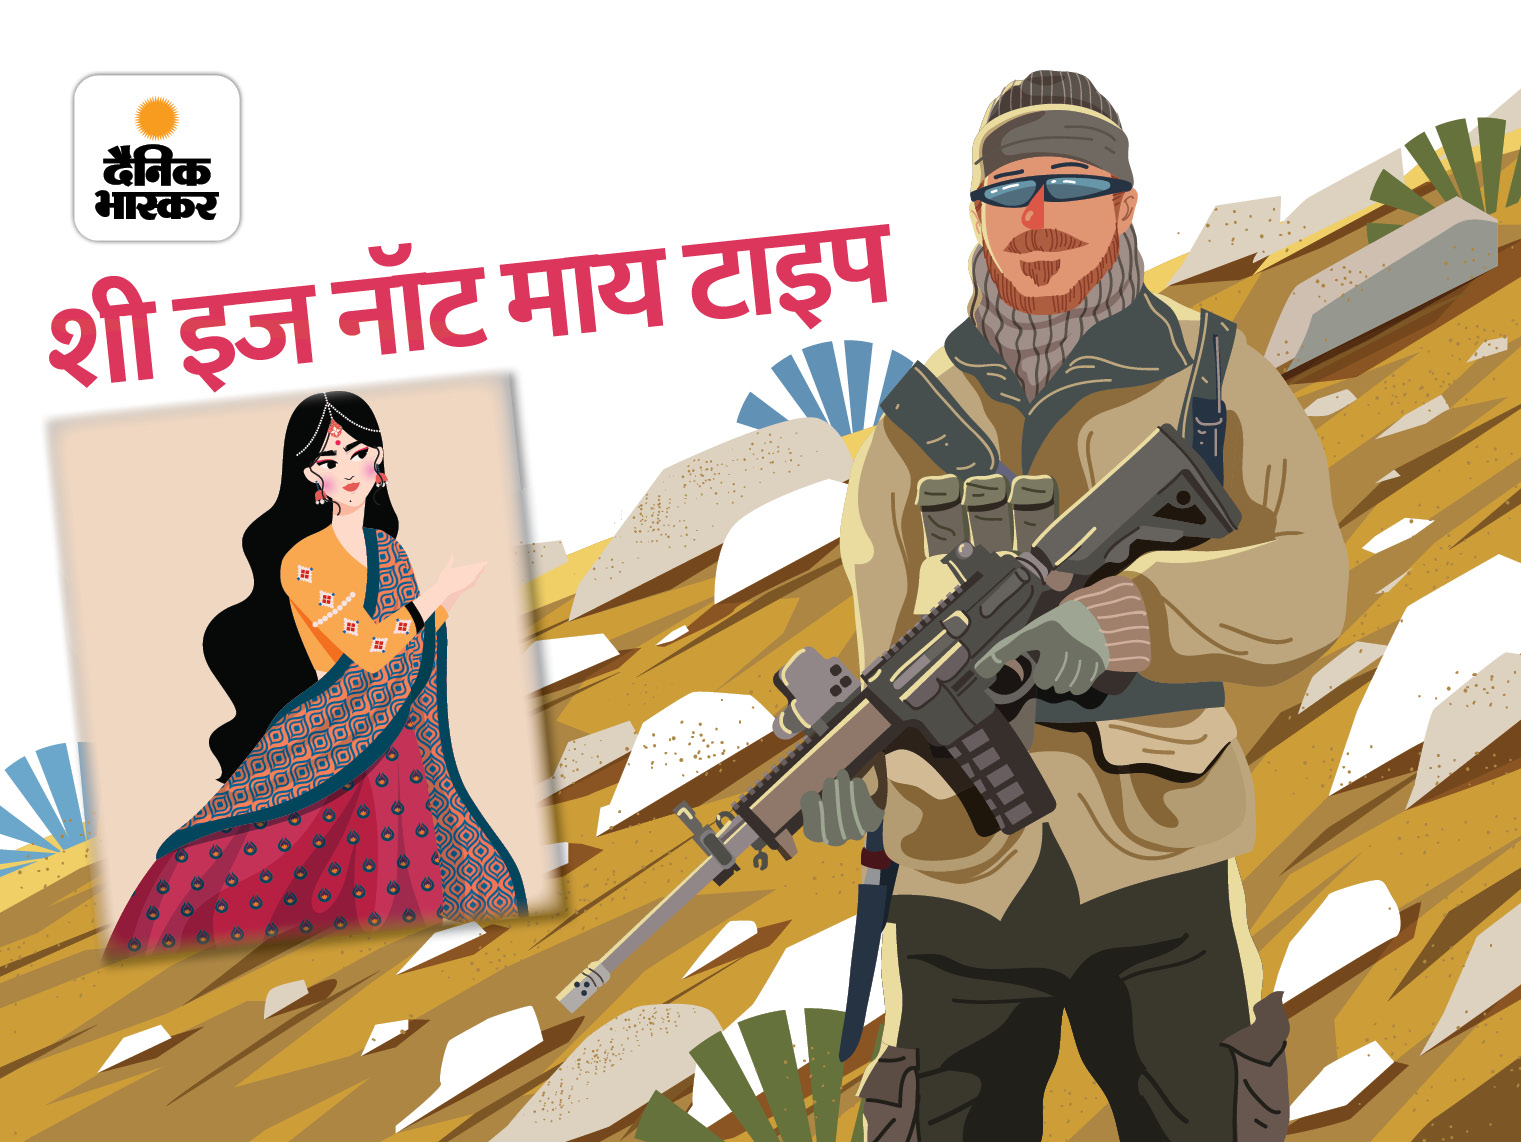 मुझे अपने जीवन से कोई शिकायत नहीं, तुम्हारी बात का जवाब दे कर मैं अपने आज को नष्ट नहीं करना चाहती|कहानी,Story - Dainik Bhaskar